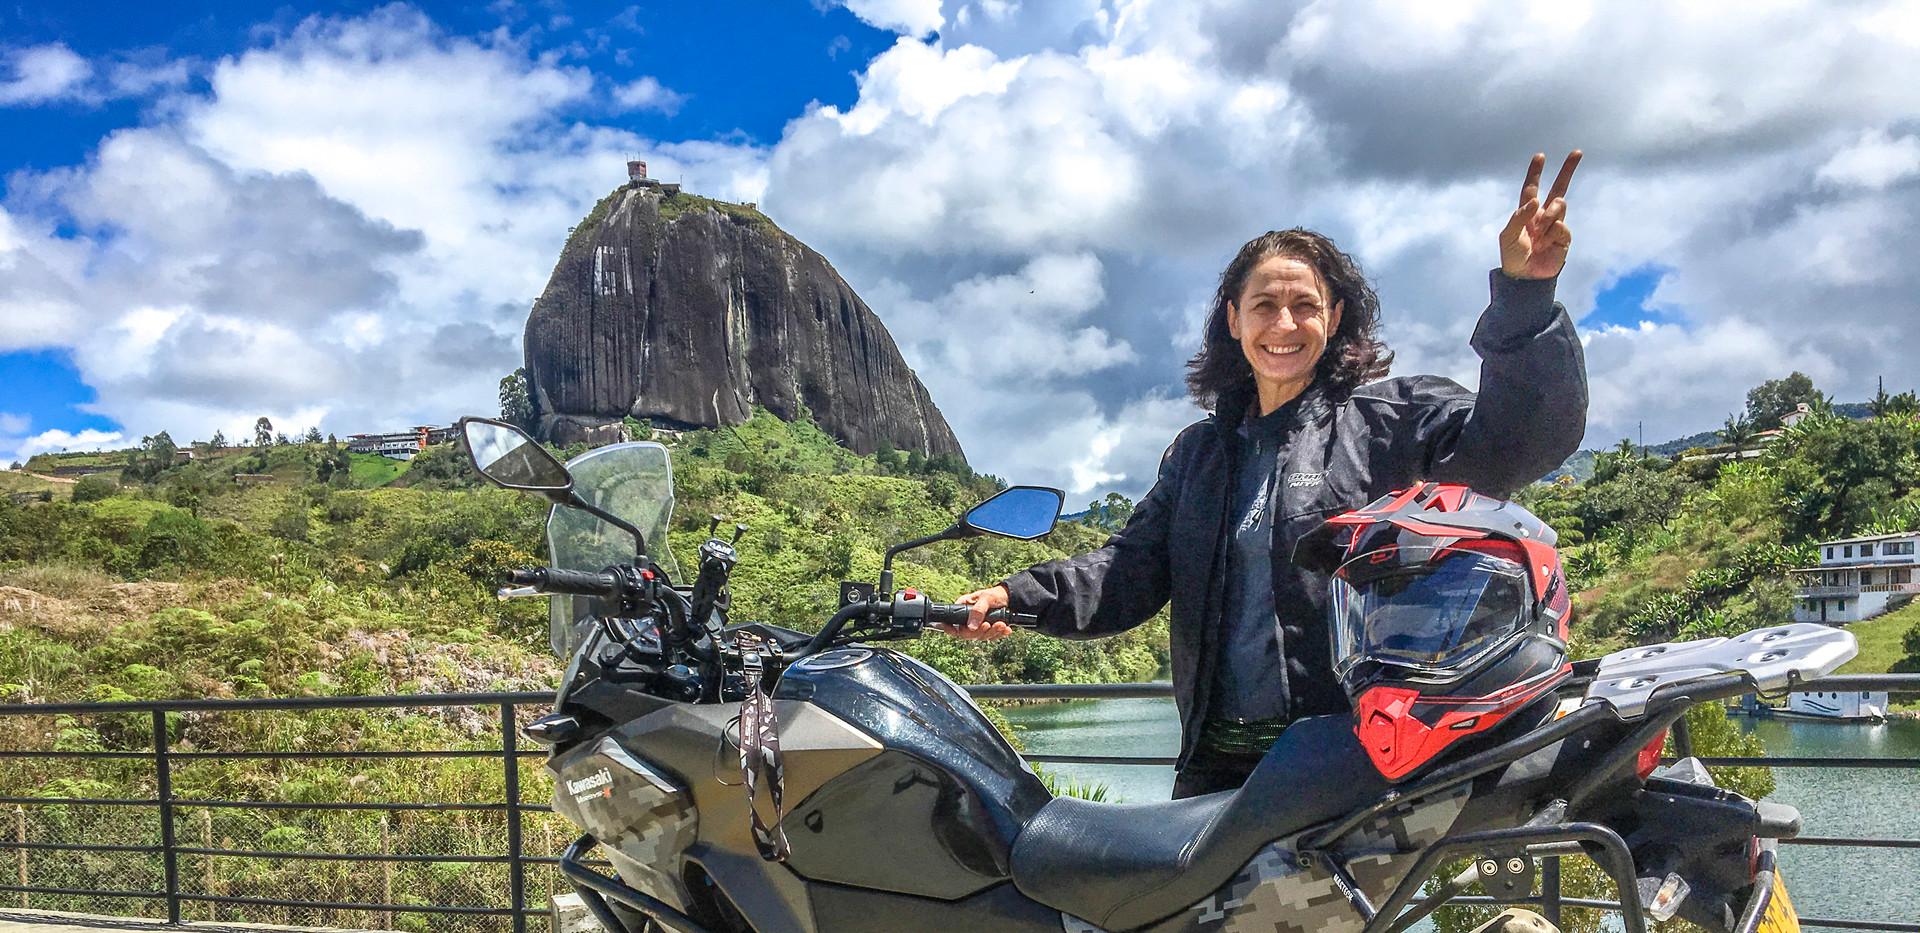 Medellin Motorcycle Rental